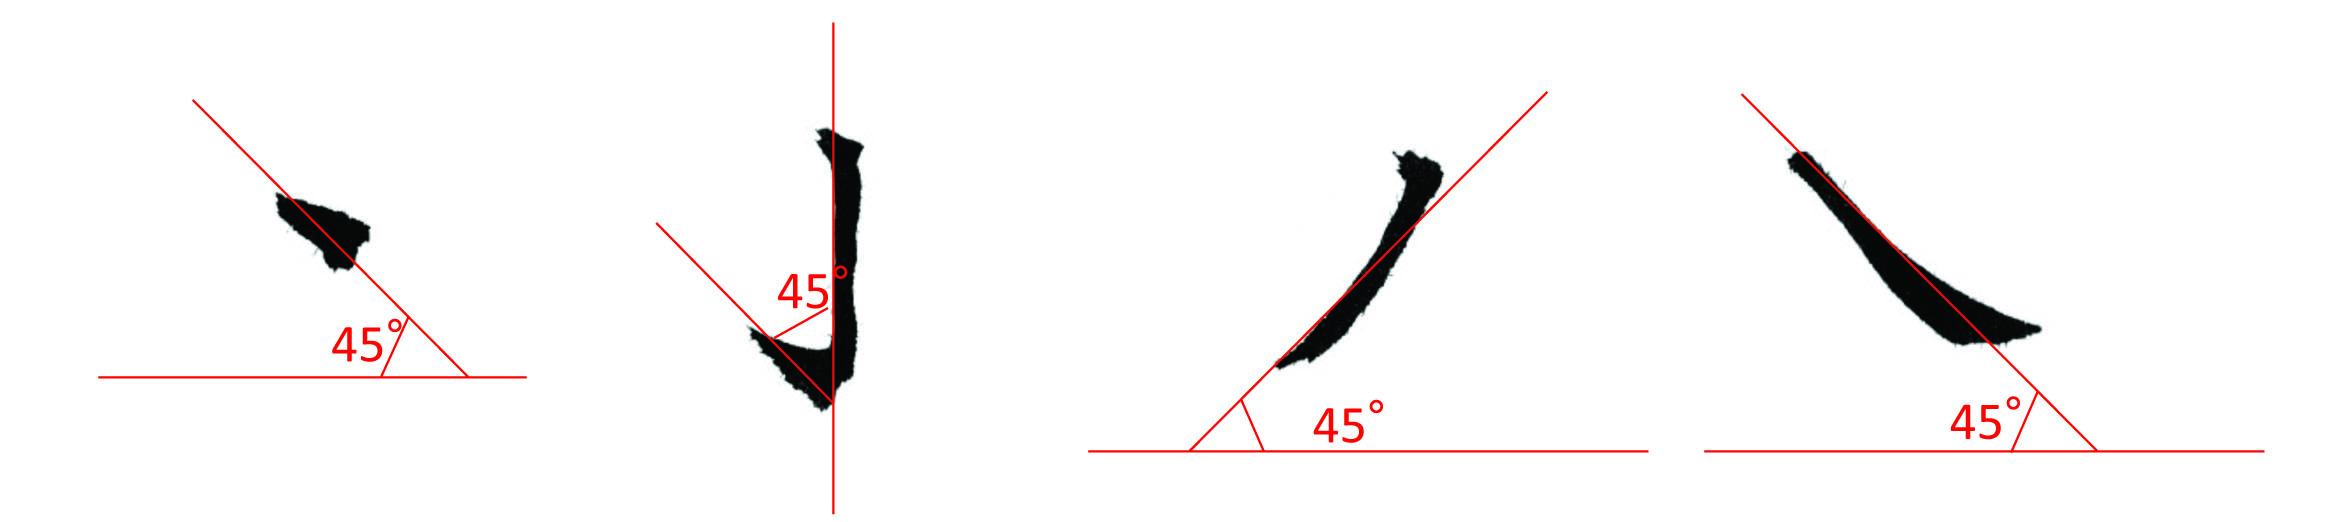 ナナメの角度は原則45度